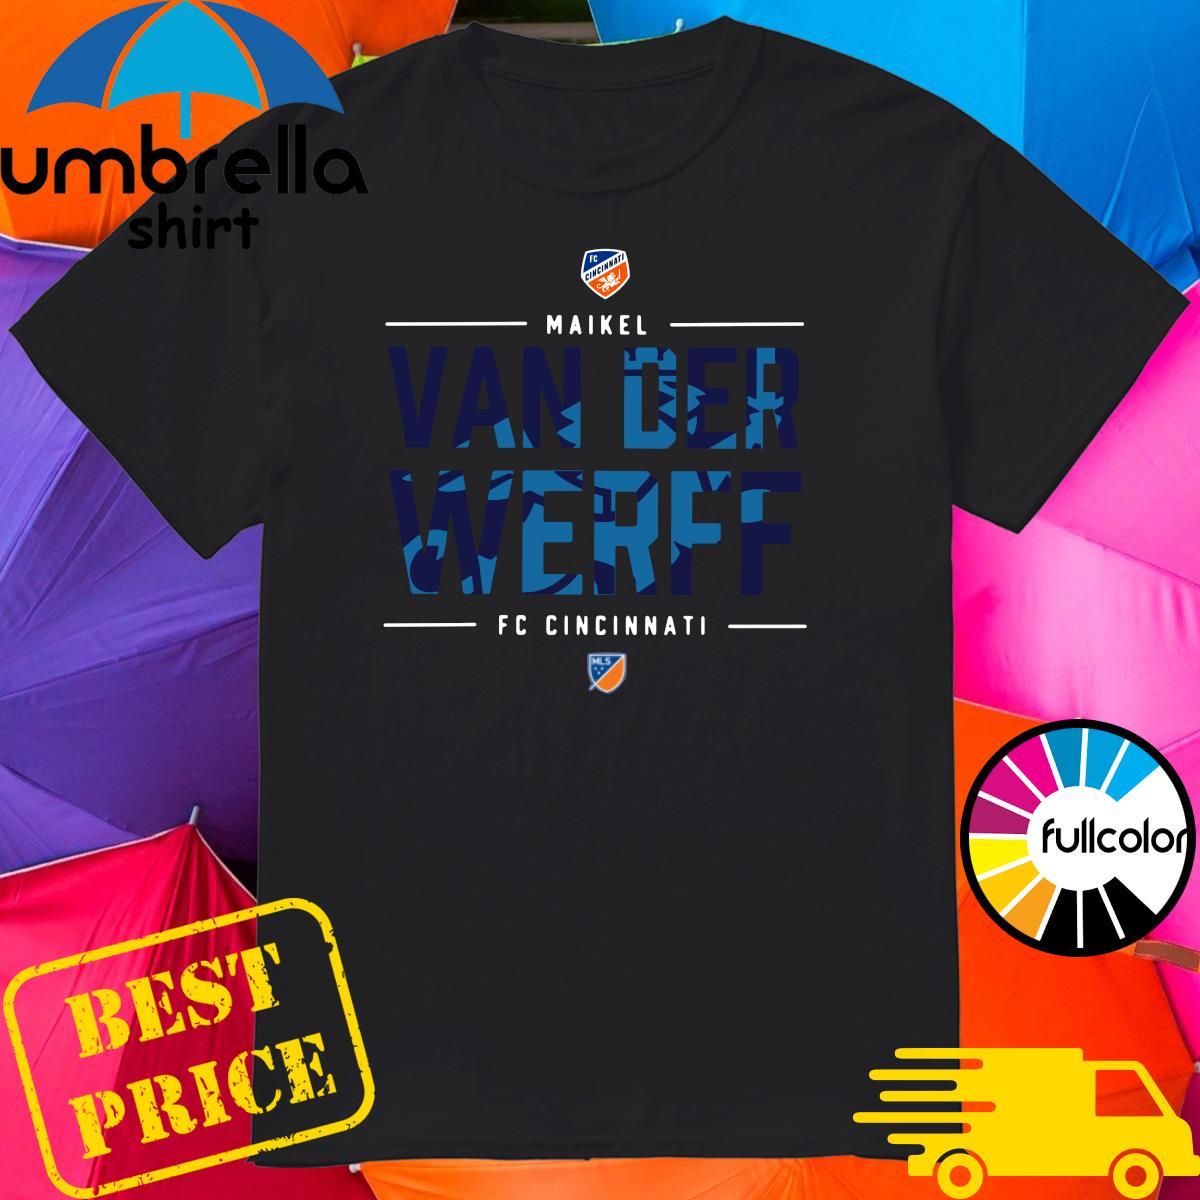 Official Fc Cincinnati Maikel Van Der Werff Shirt